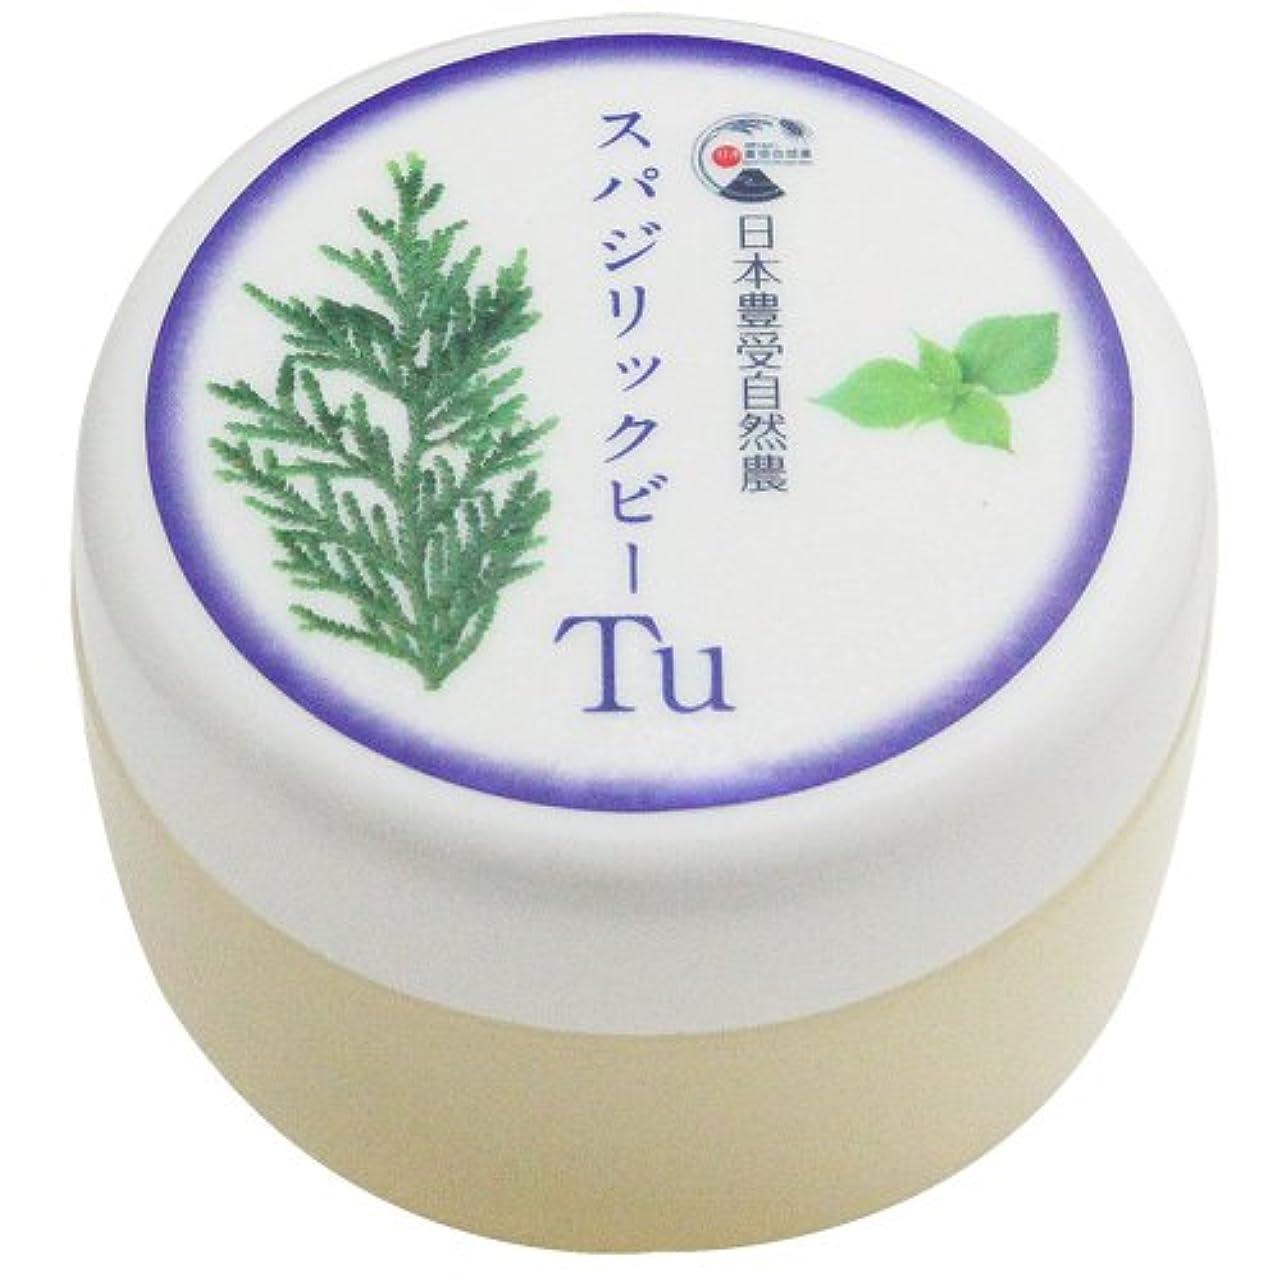 扇動するボルト付ける日本豊受自然農 スパジリック ビーTu(特大) 135g